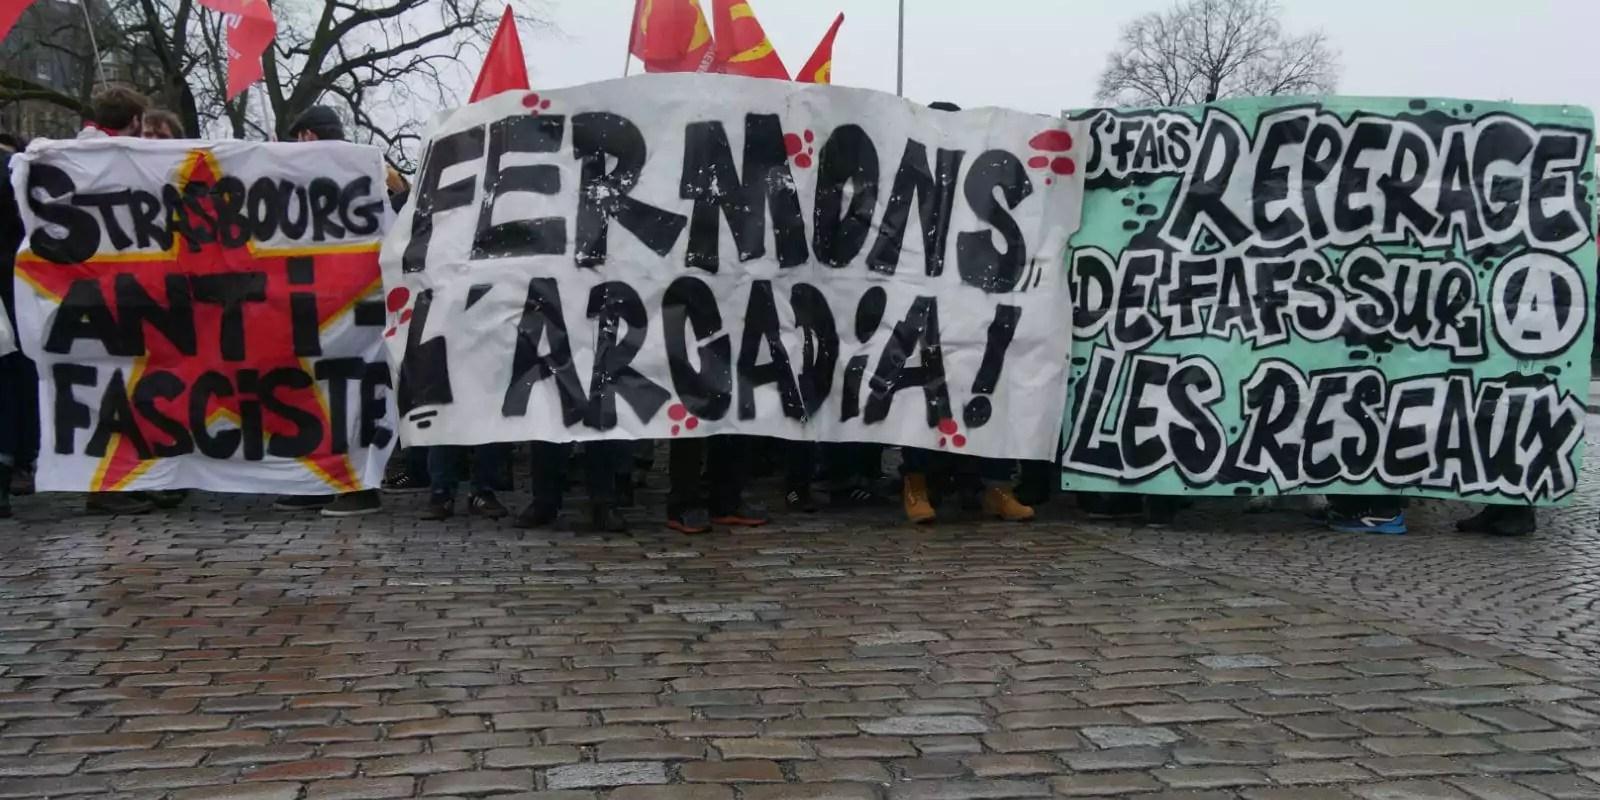 Trois voies légales pour fermer le Bastion Social de Strasbourg